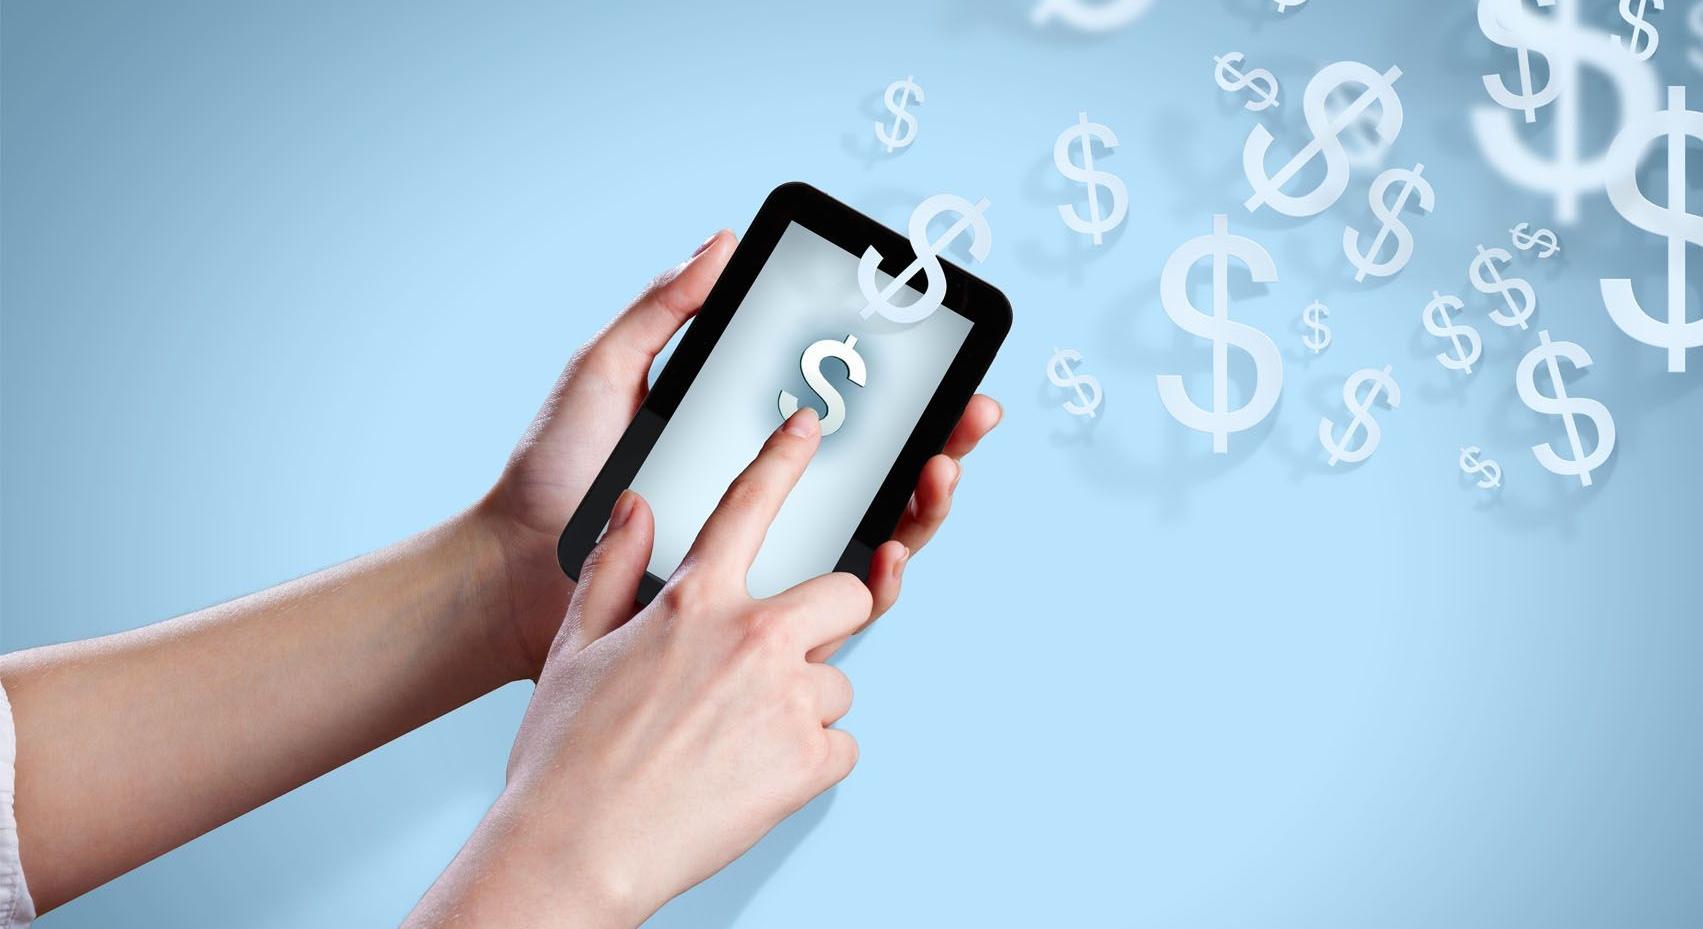 Получить доход через телефон вполне реально